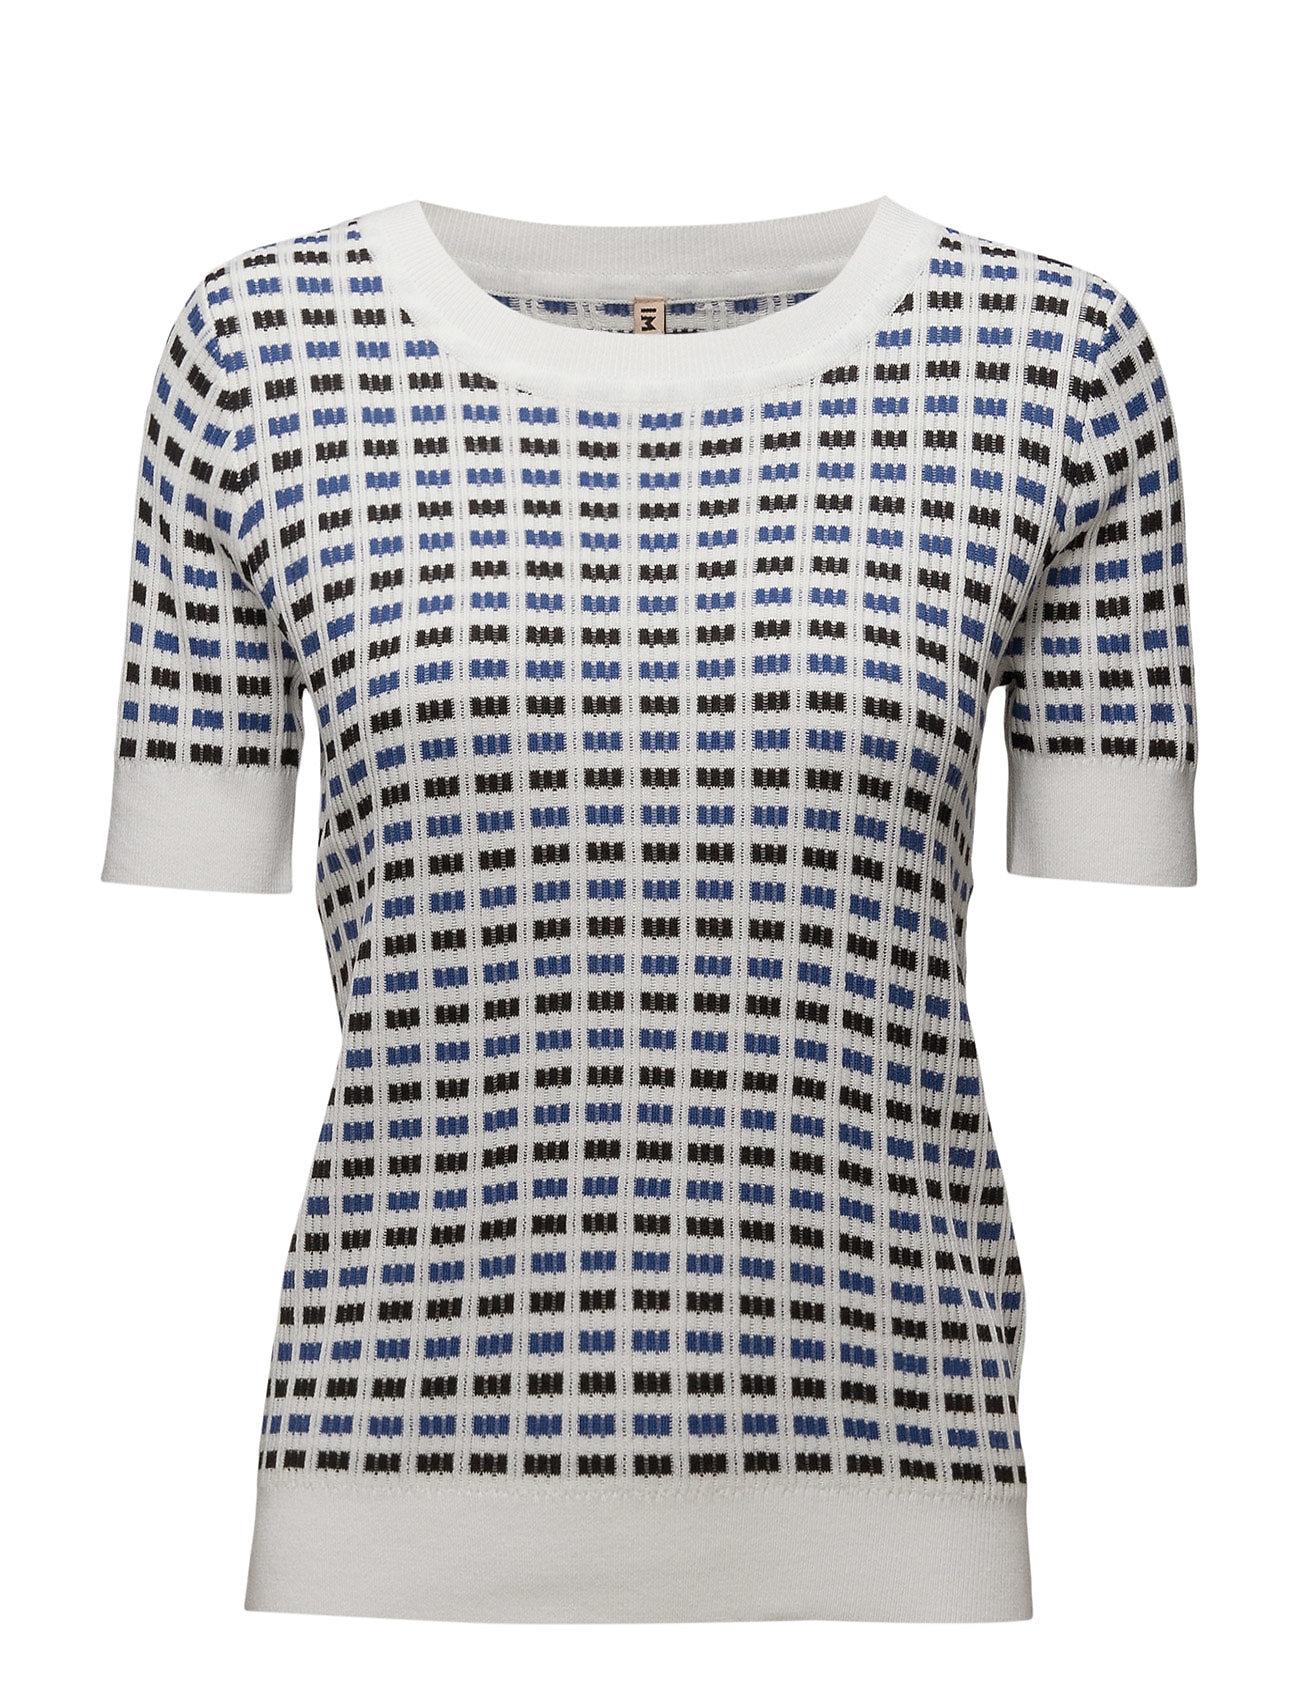 Pullover-Knit Summer Imitz Striktøj til Kvinder i ultramarin